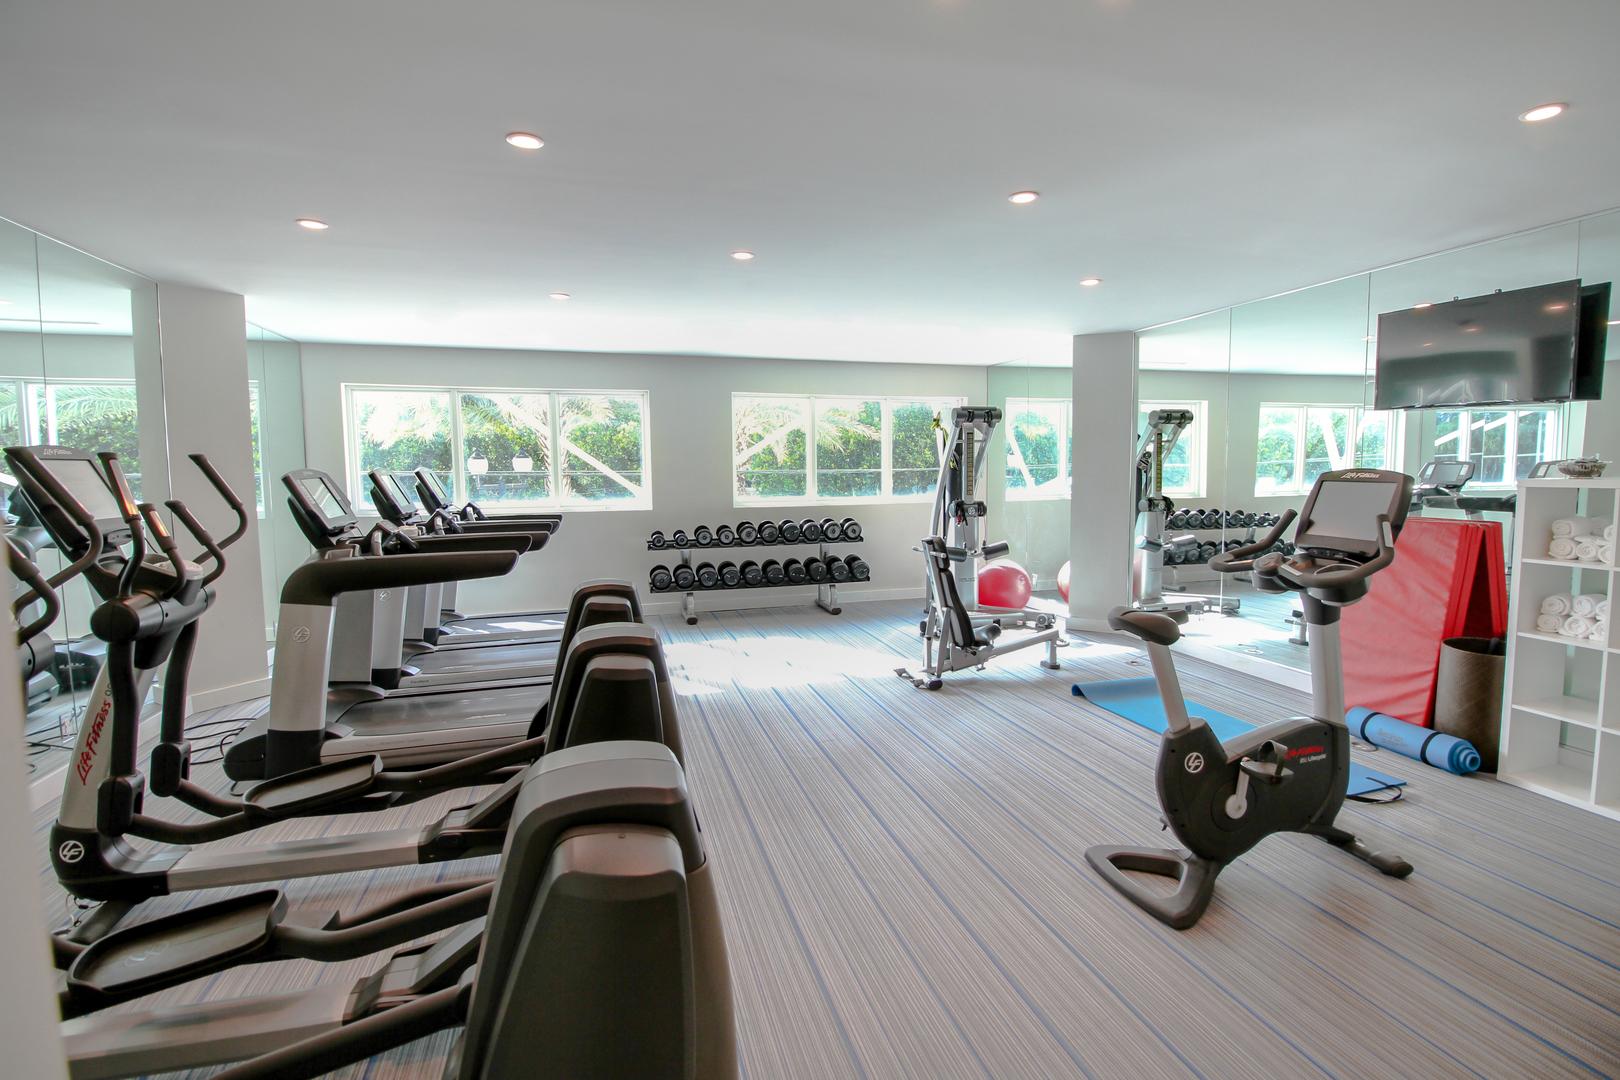 B Ocean Resort Fort Lauderdale image 5